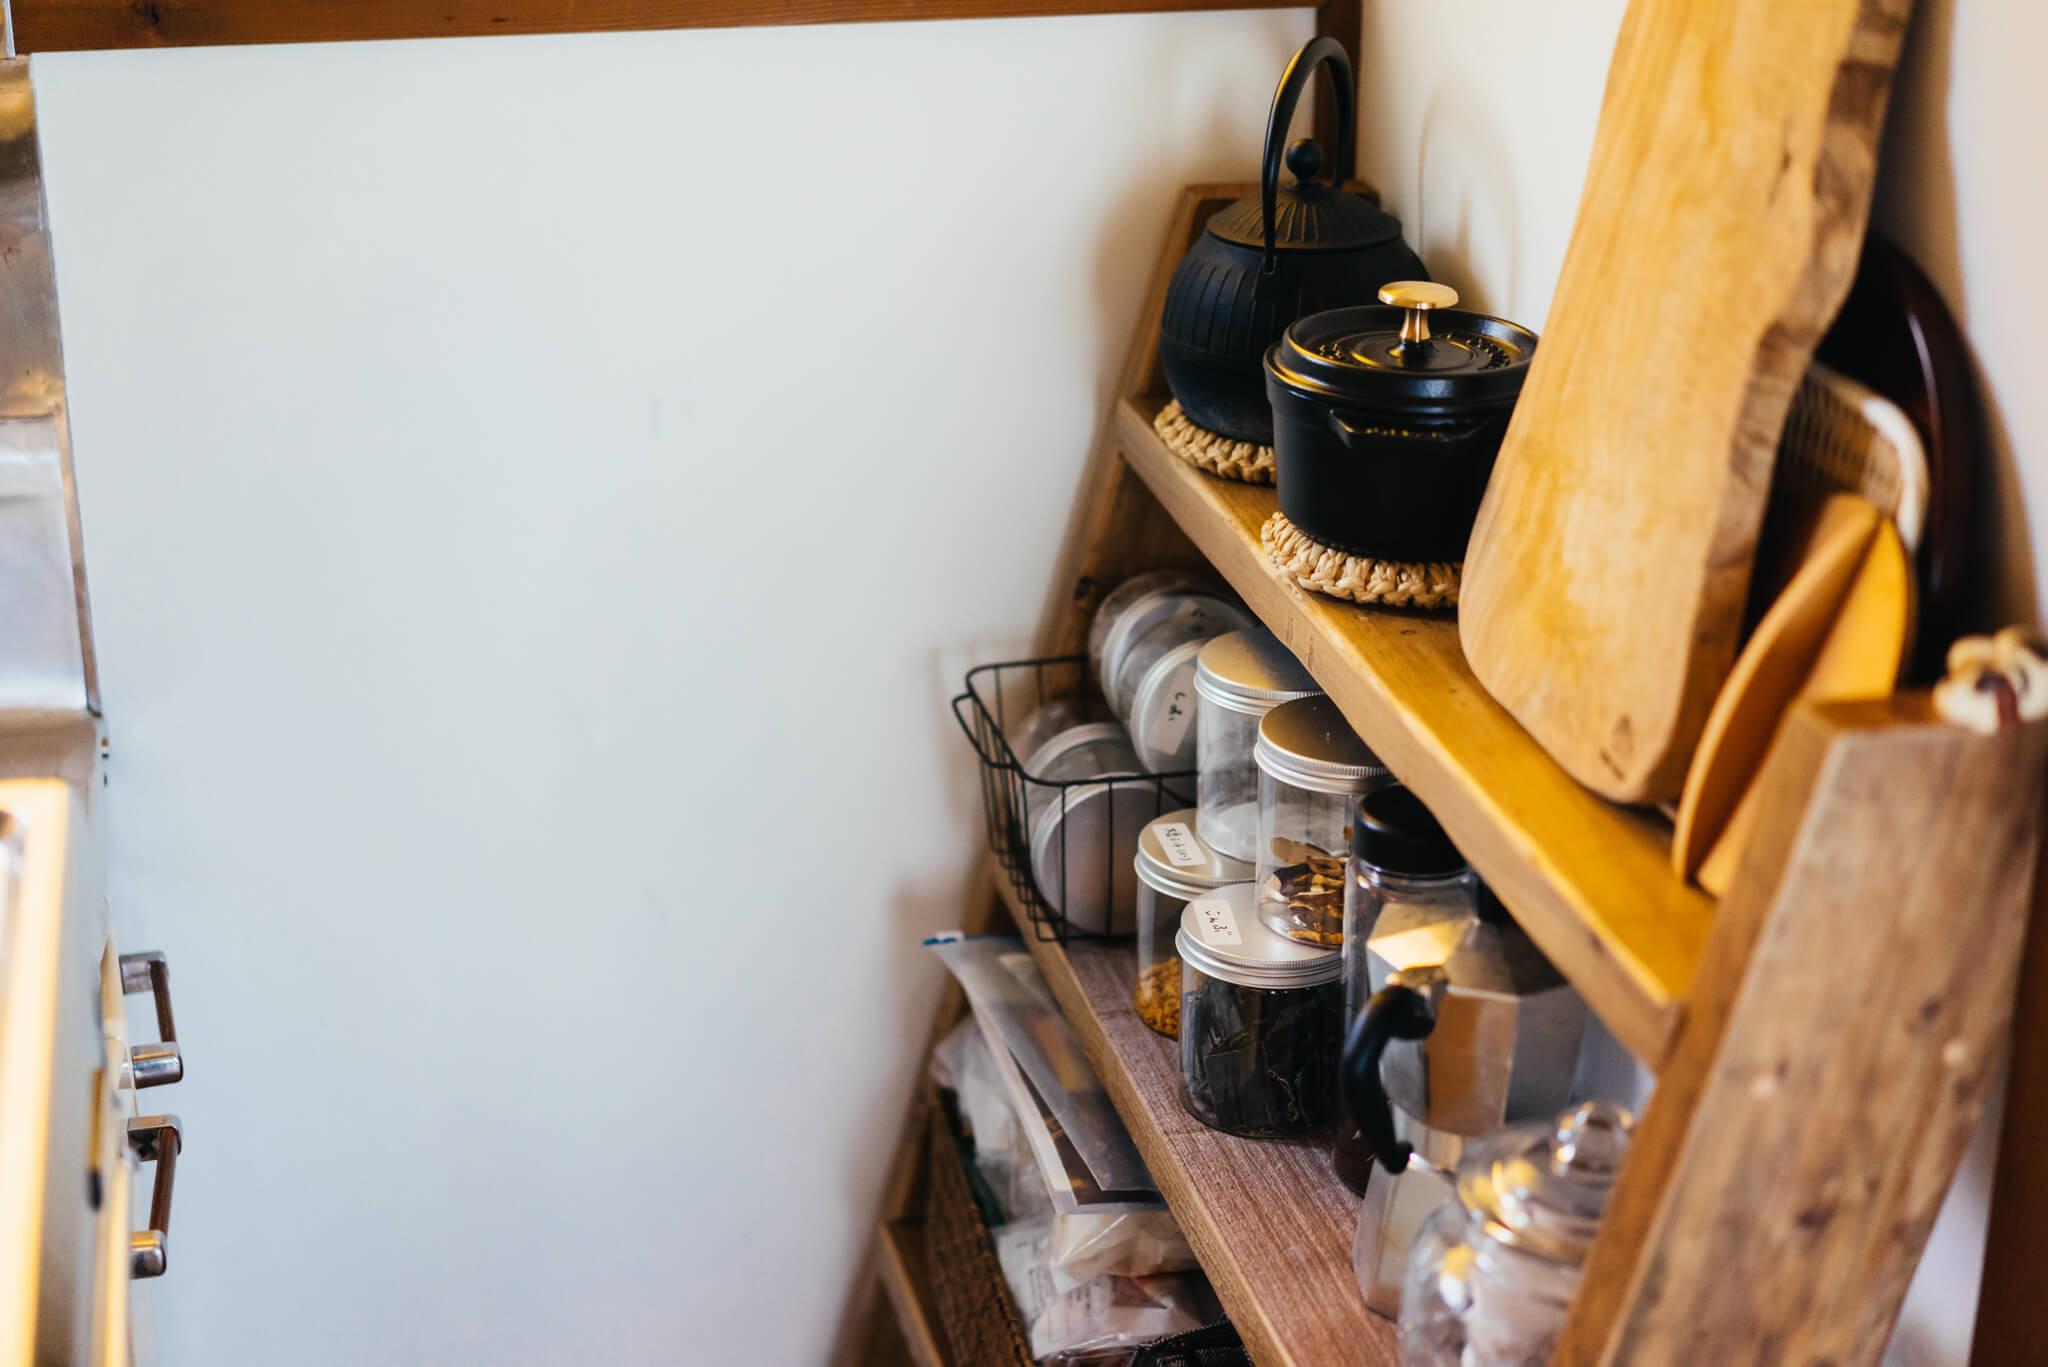 奥行きが狭い棚を探して、キッチンの棚はラダーシェルフにしました。